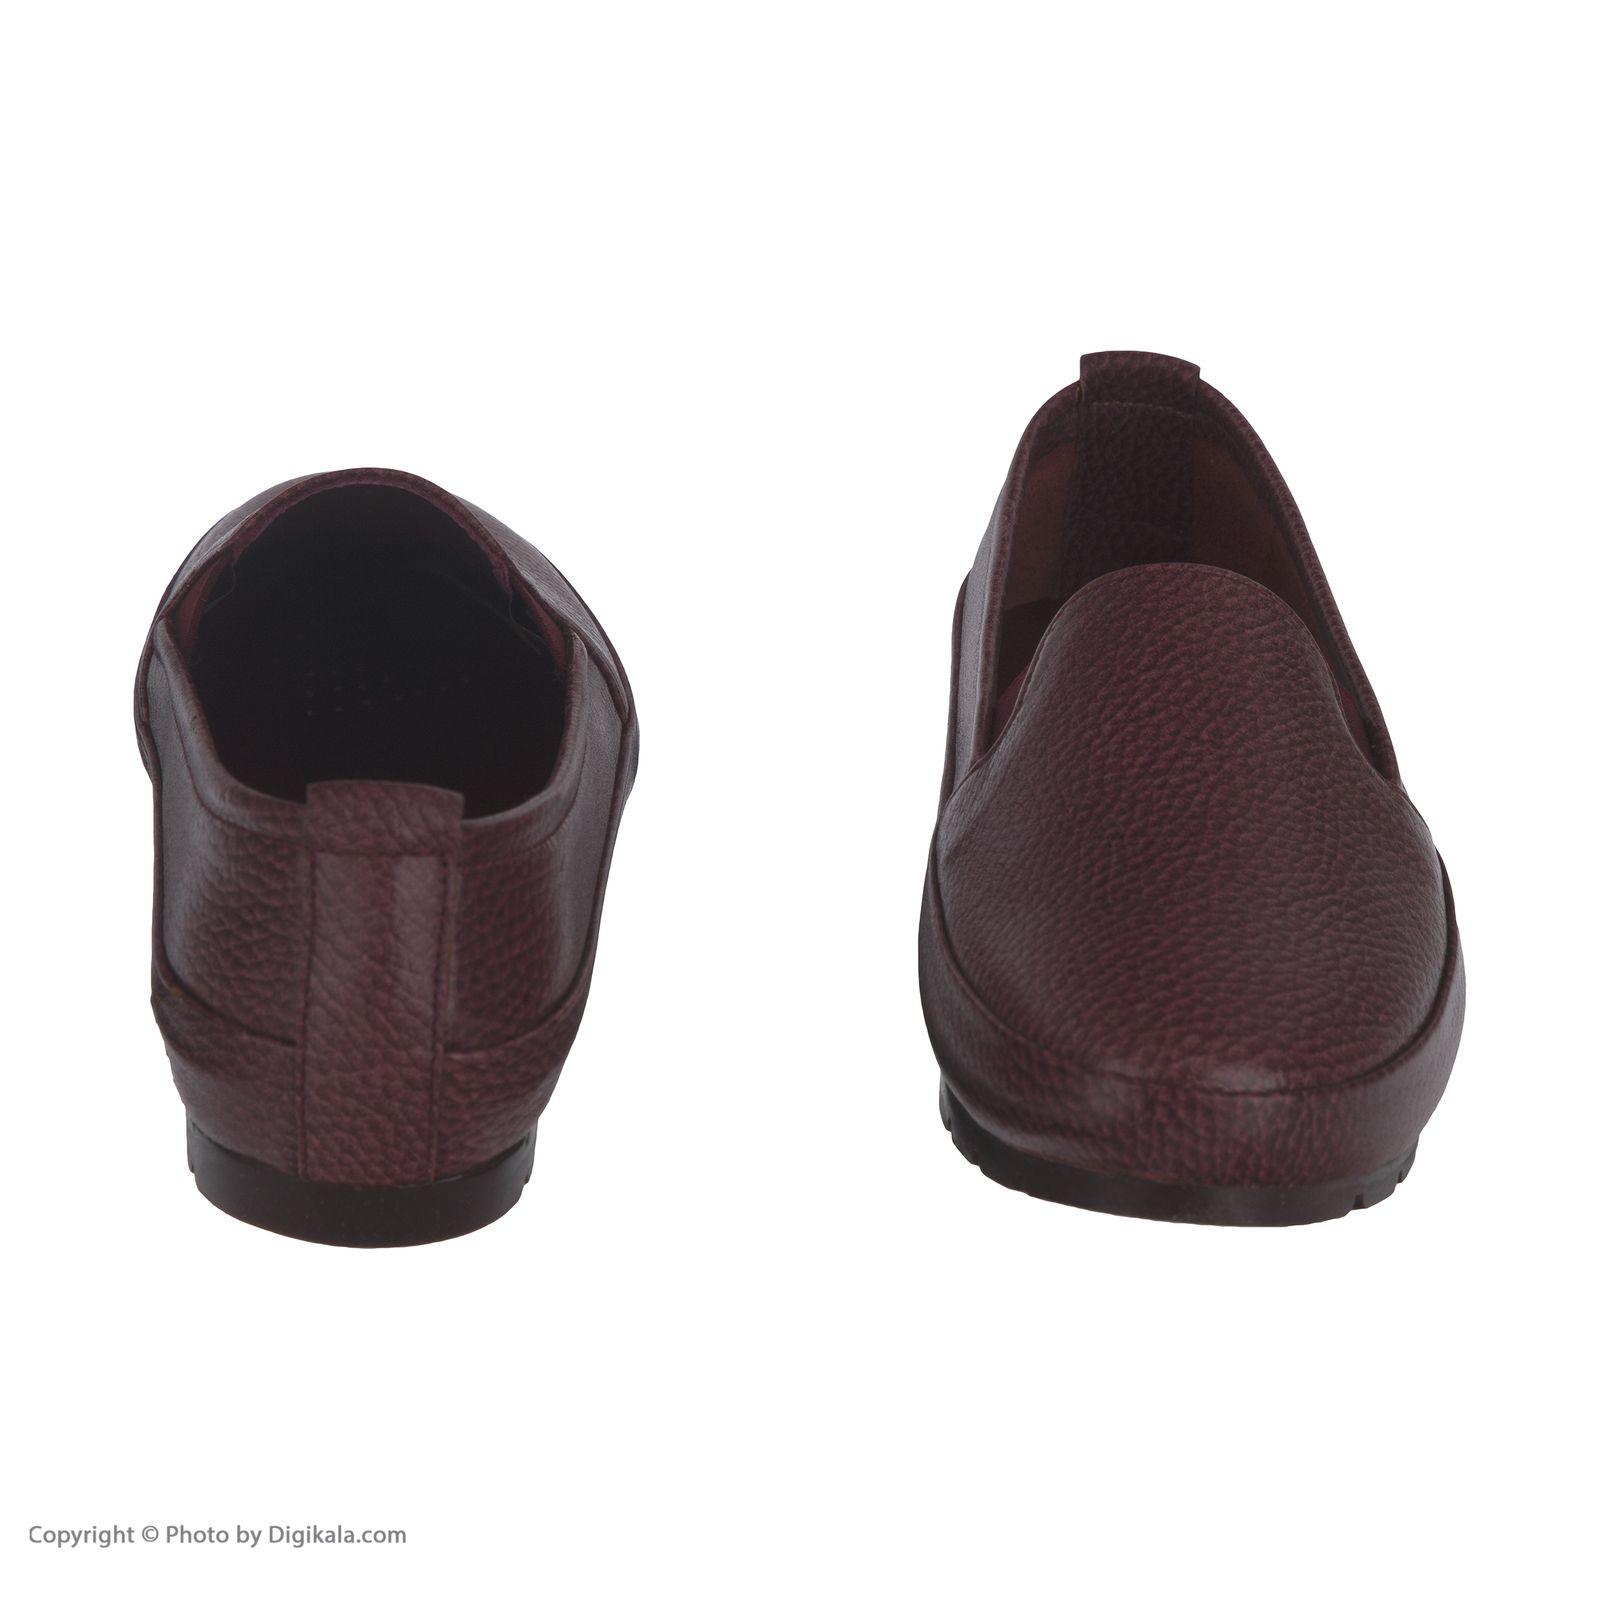 کفش روزمره زنانه بلوط مدل 5313A500115 -  - 5